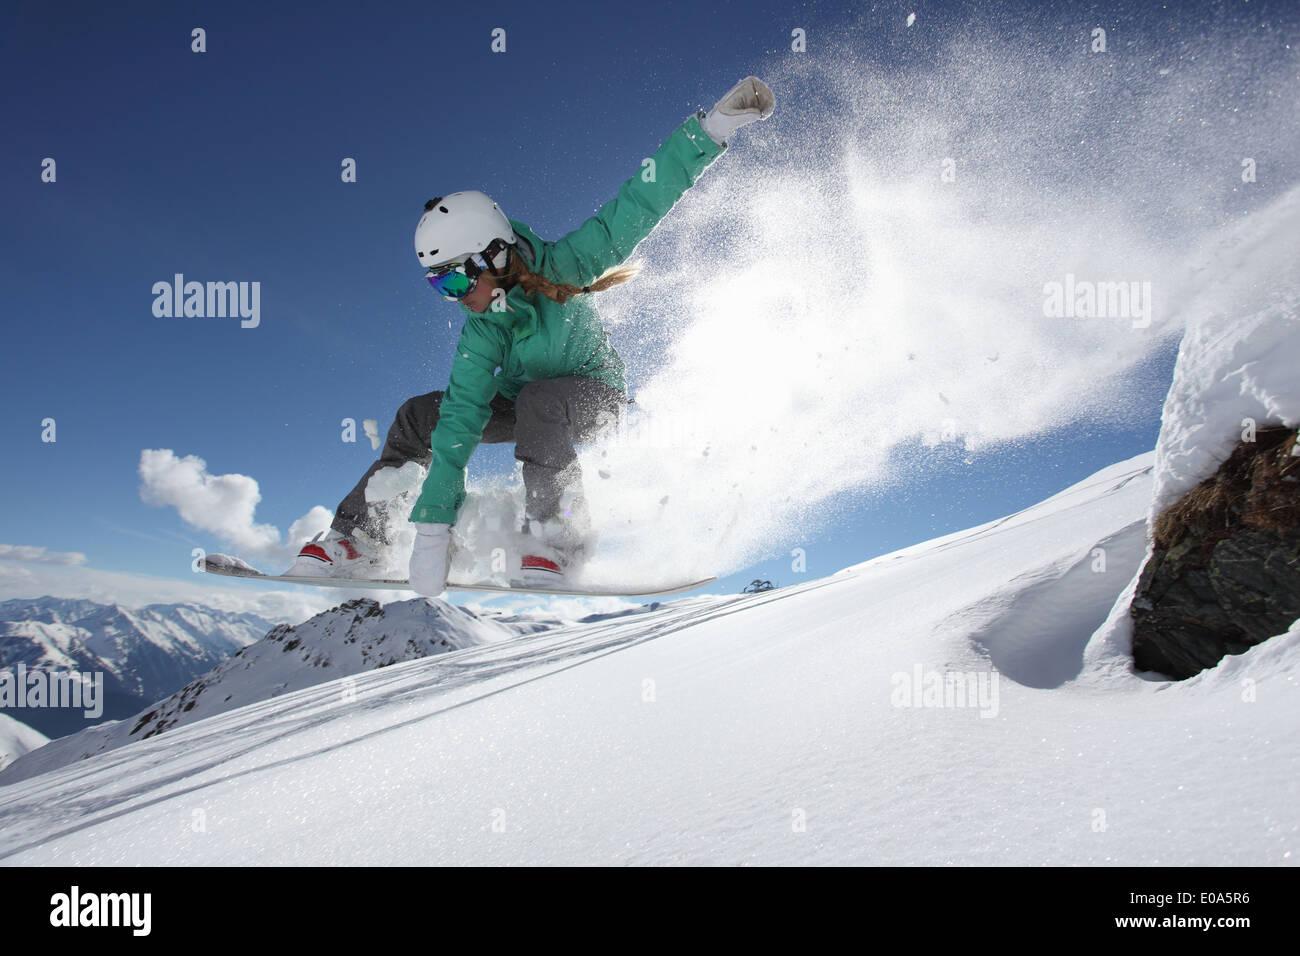 Junge Frau springt auf Snowboard, Mayrhofen, Tirol, Österreich Stockbild